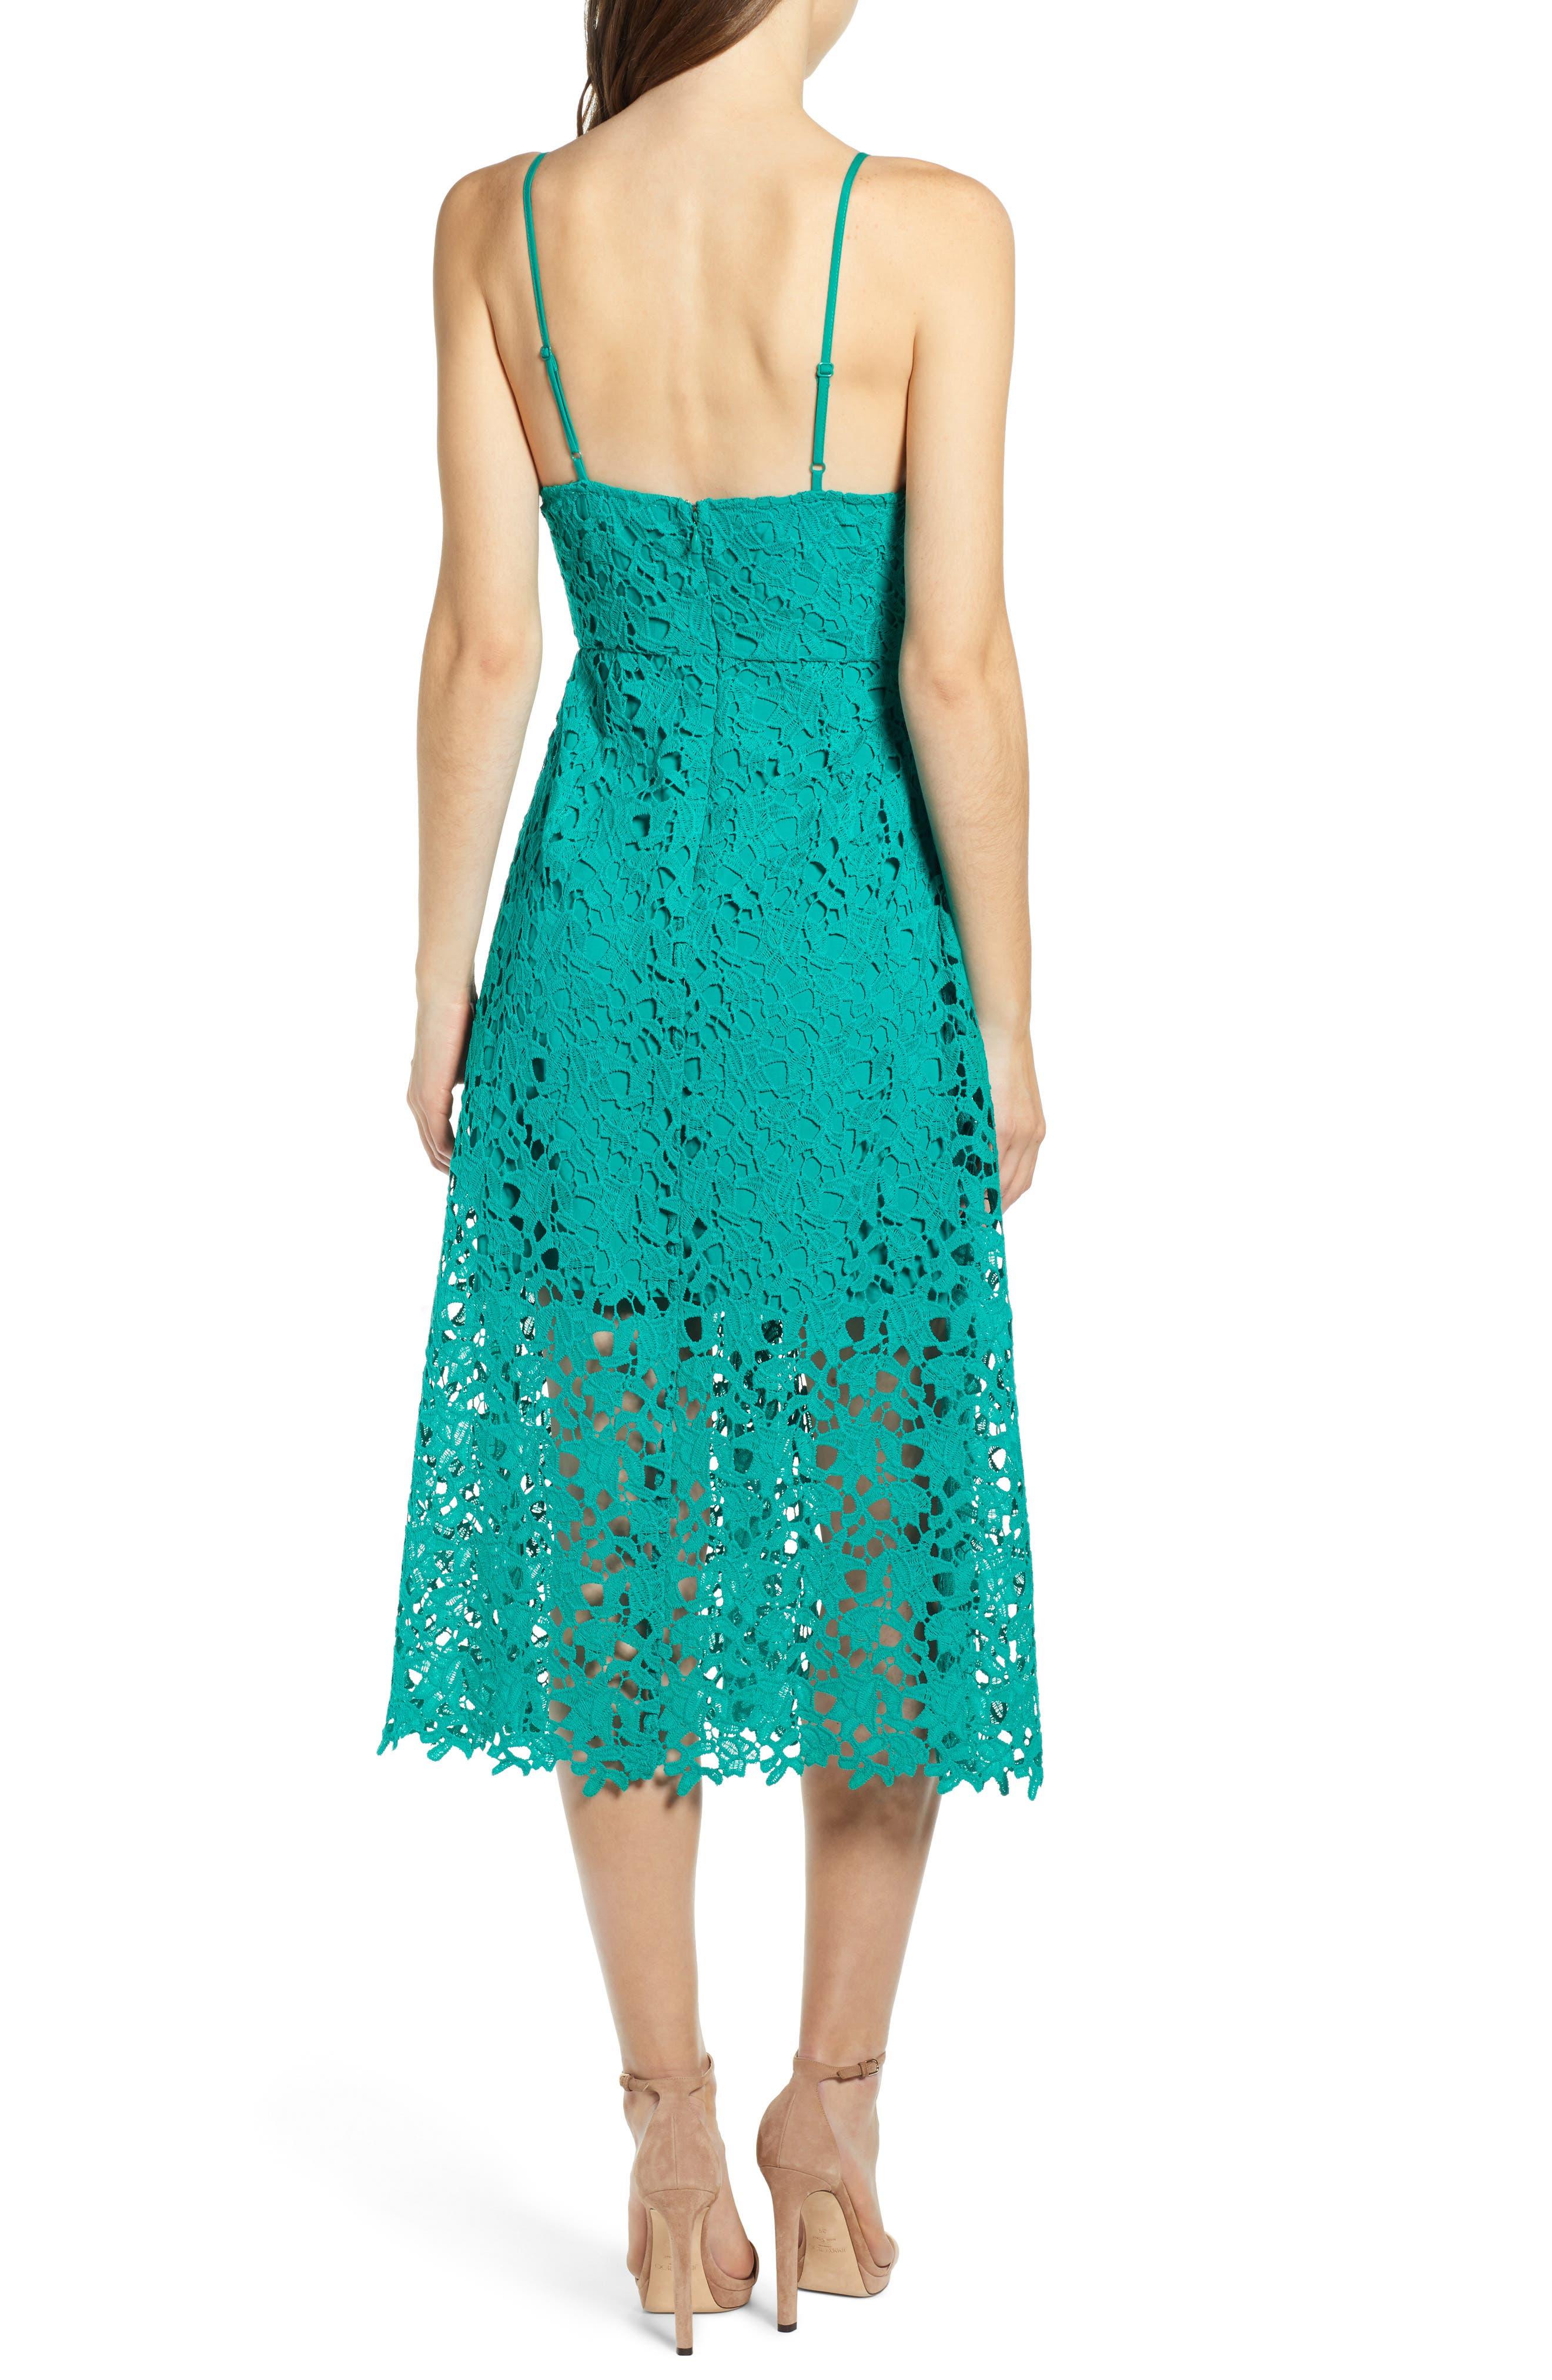 d04cc4ef9d51 Women's Cocktail & Party Dresses | Nordstrom